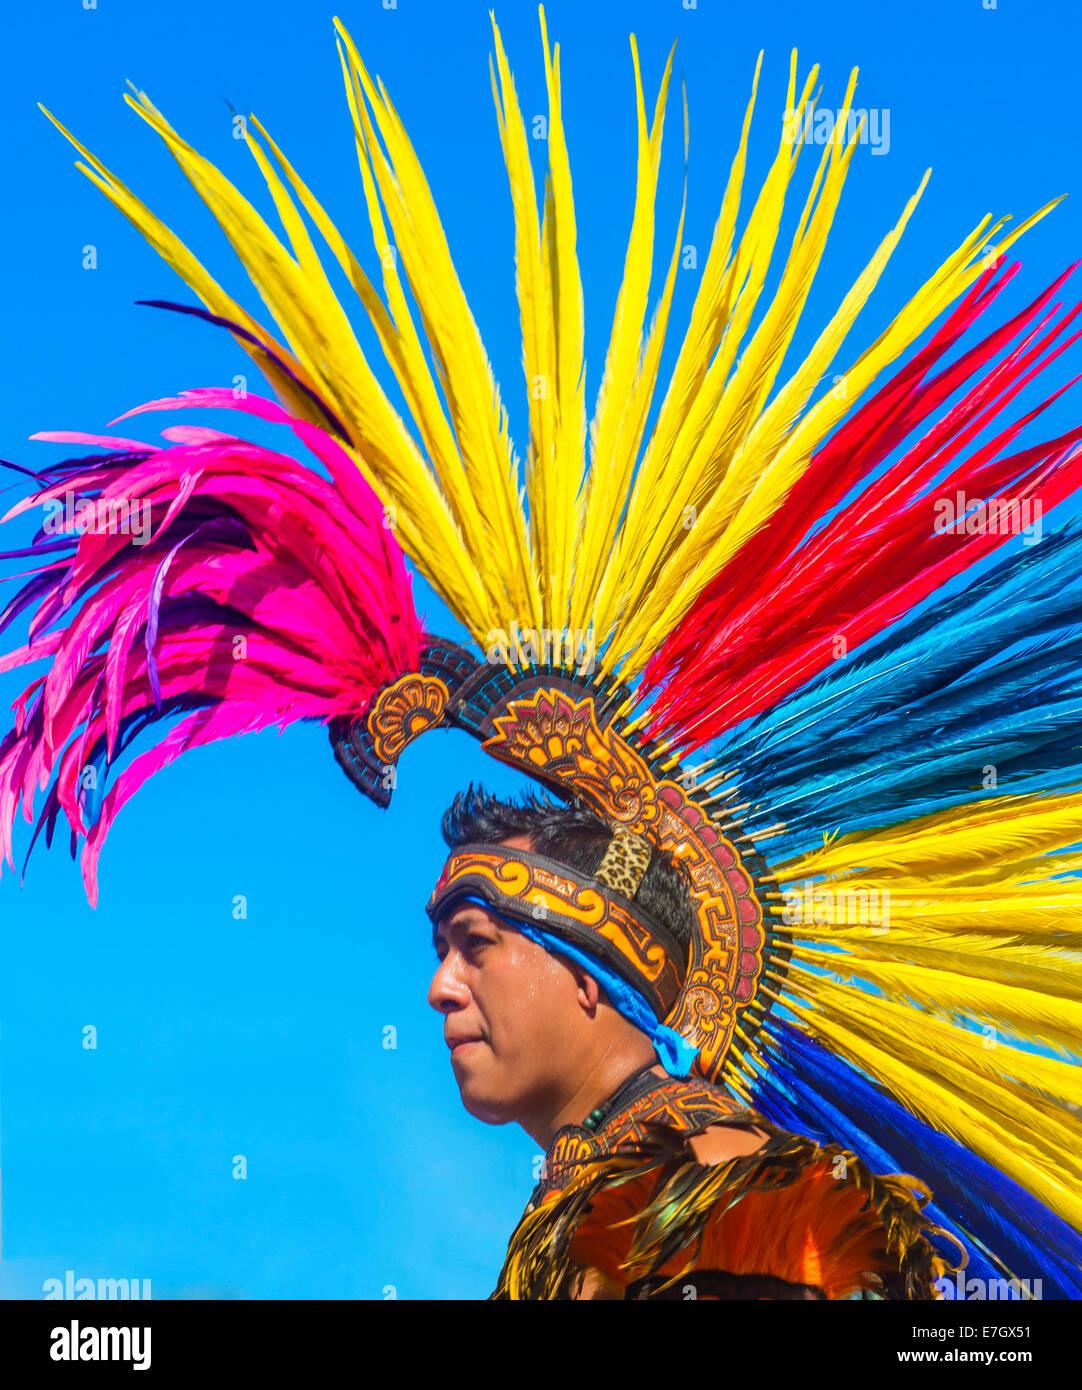 Ein Teilnehmer bei der Fiesta-Las Vegas-Parade statt in Las Vegas, Nevada Stockbild